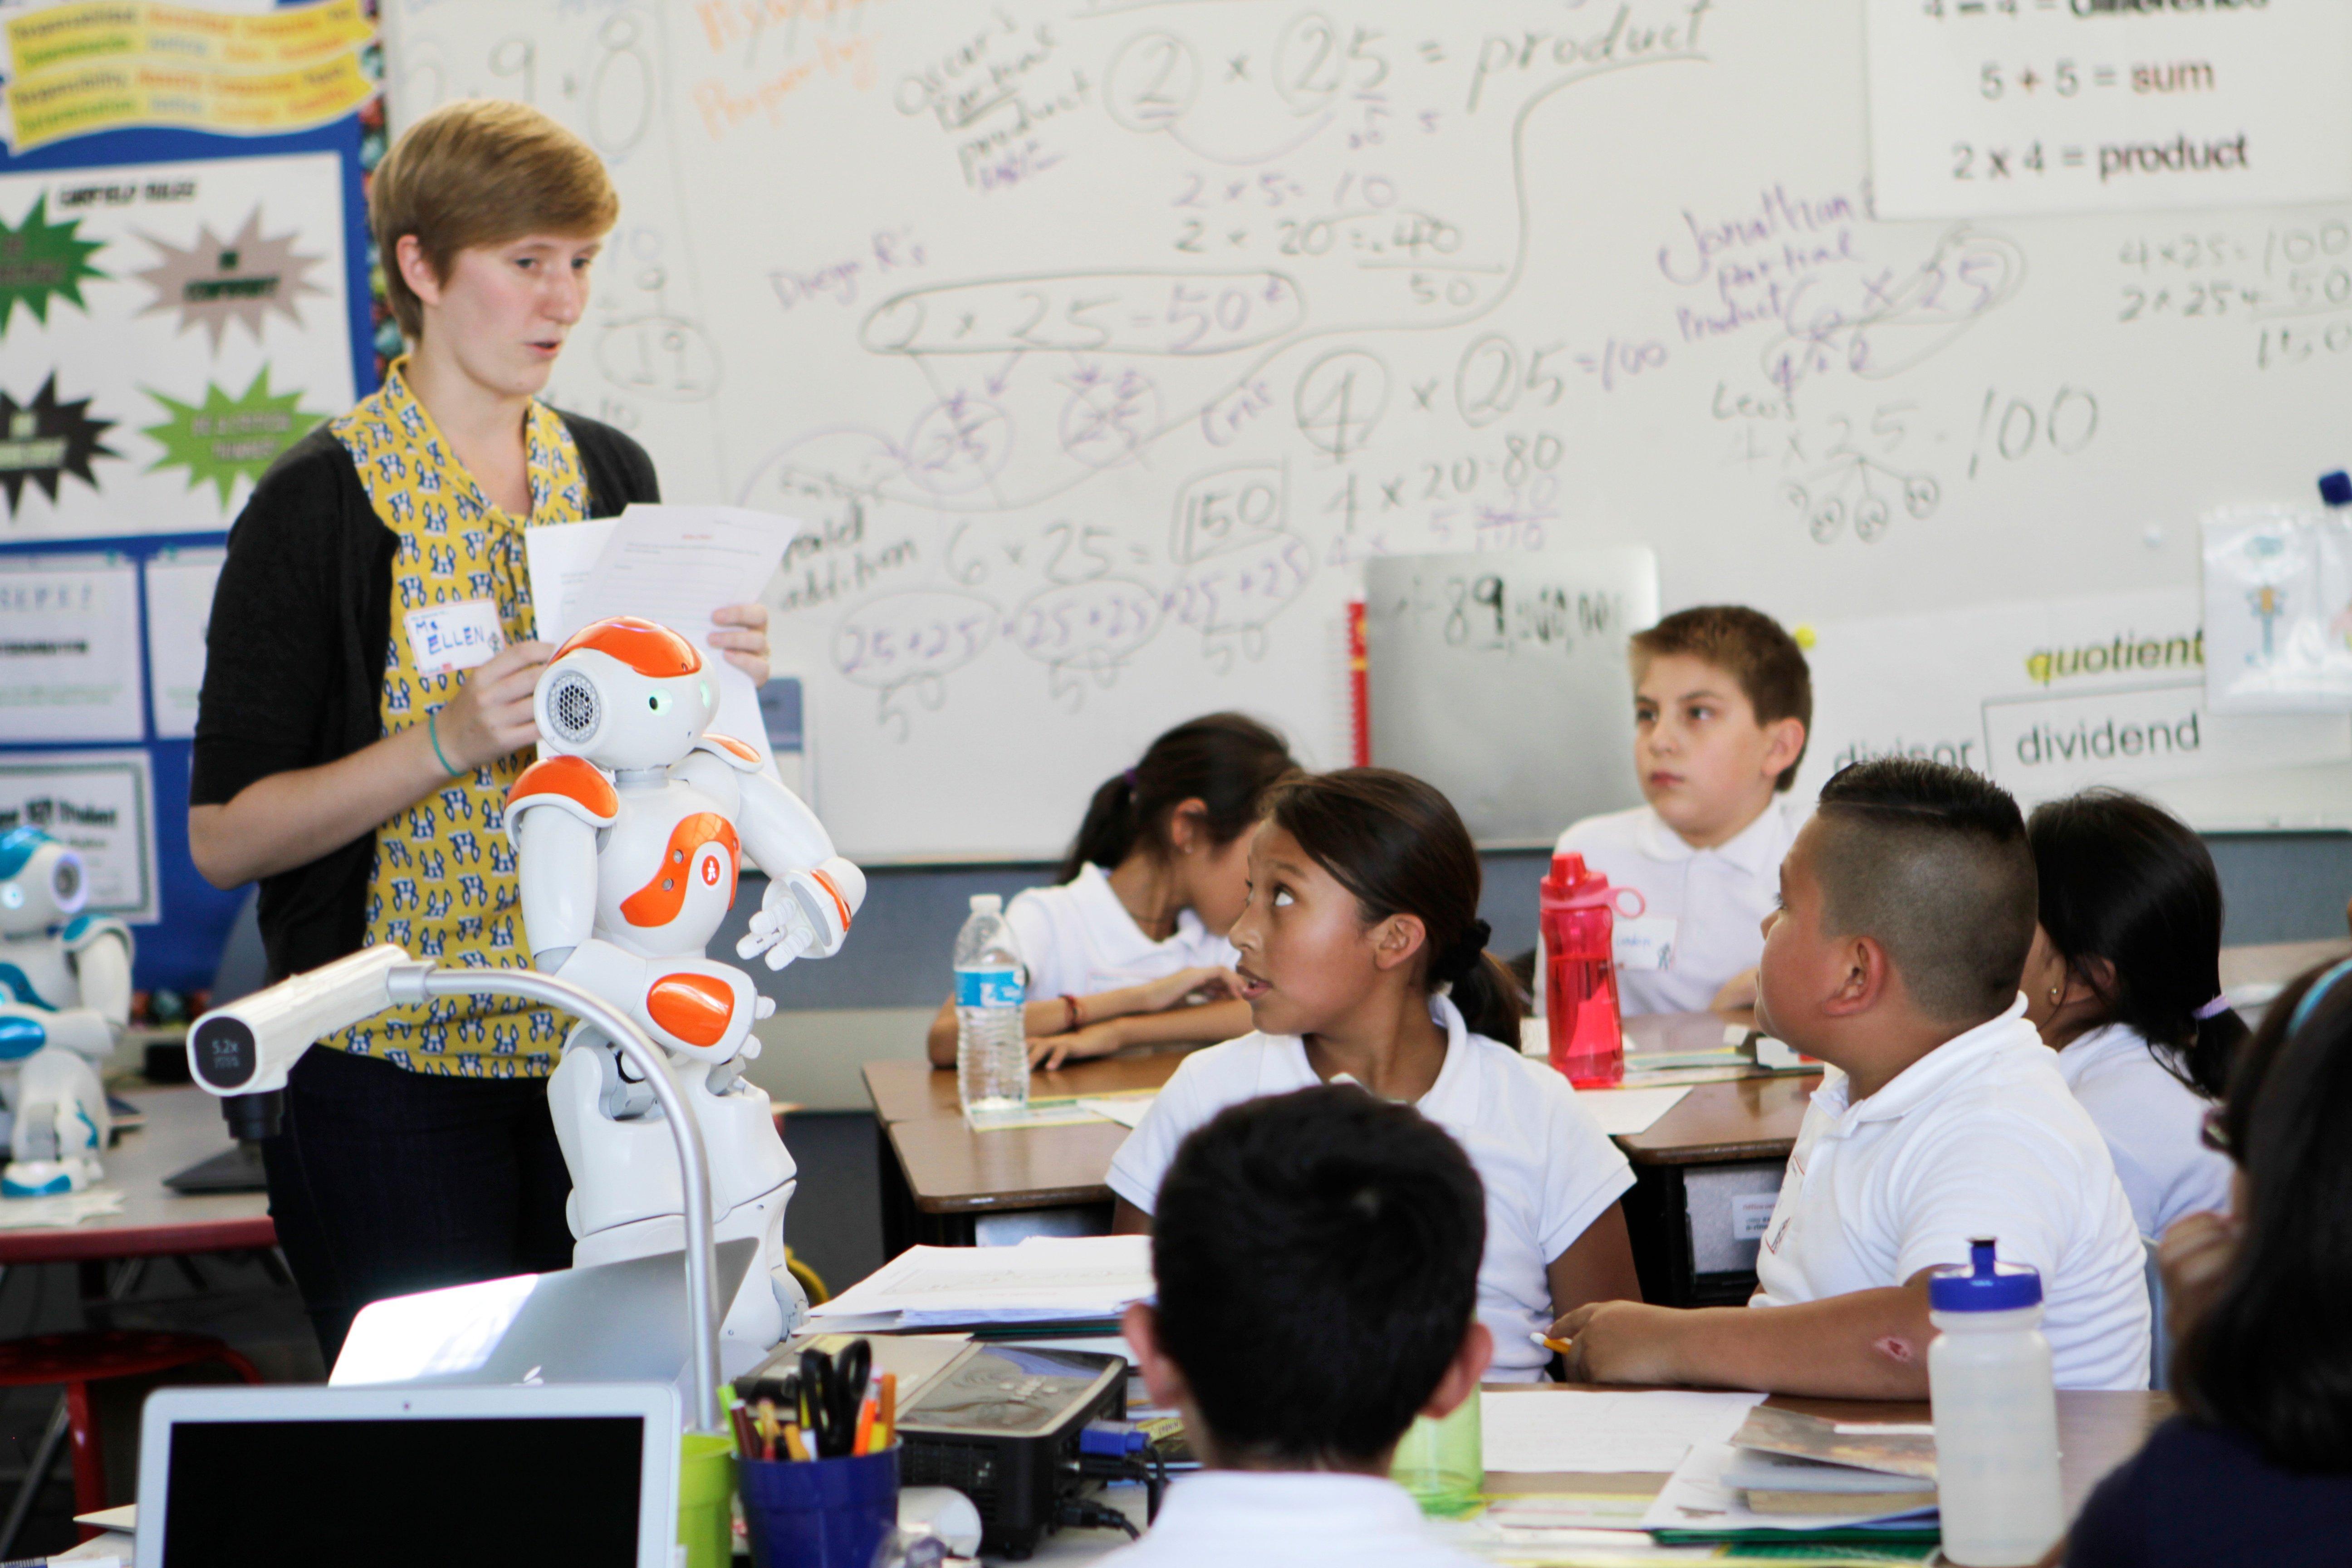 How Robots Can Make Teachers' Job Easier